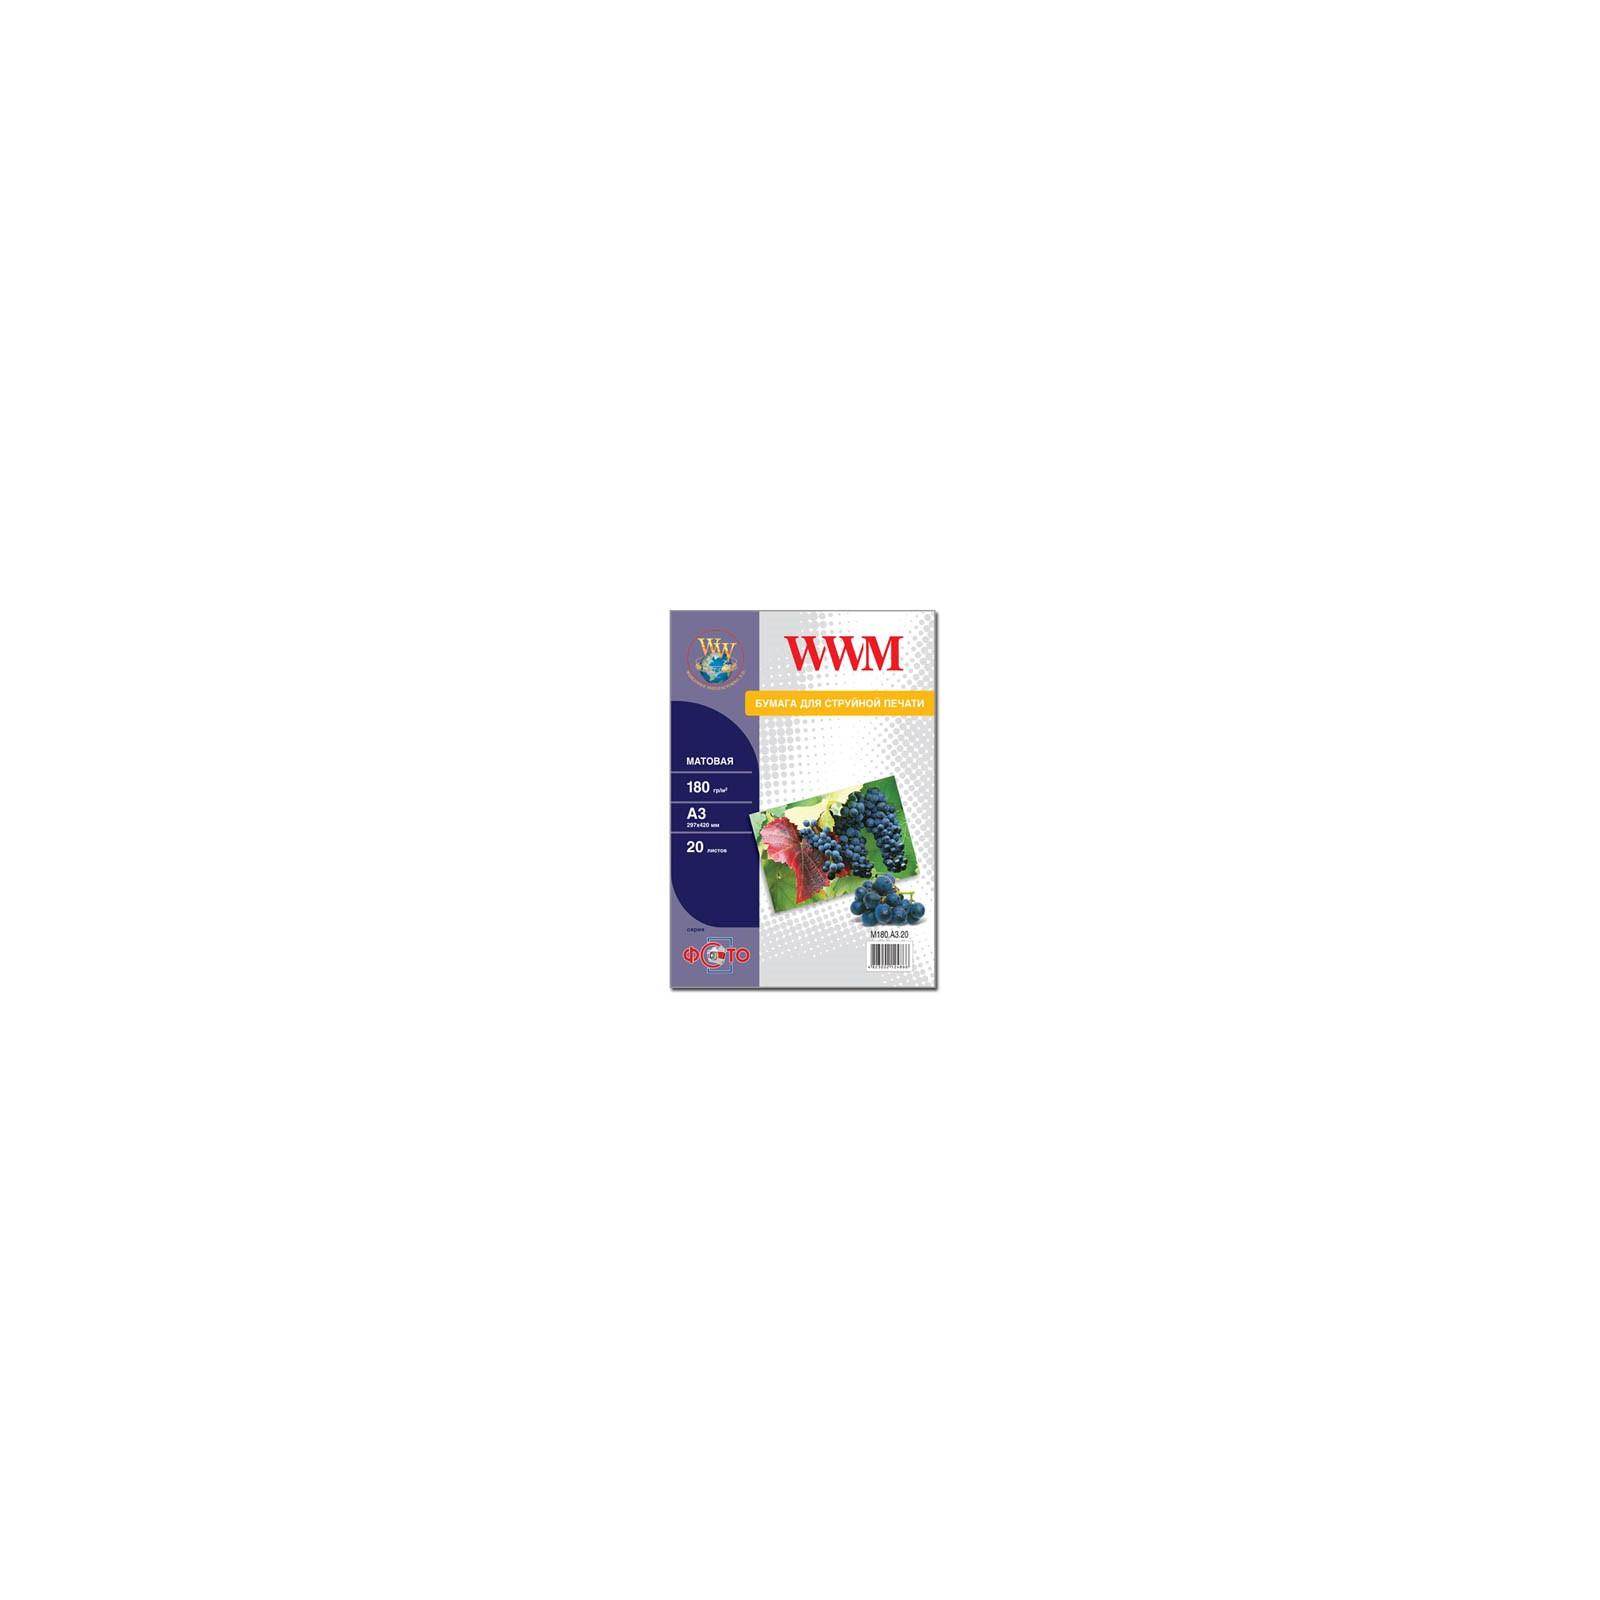 Бумага WWM A3 (M180.A3.20)